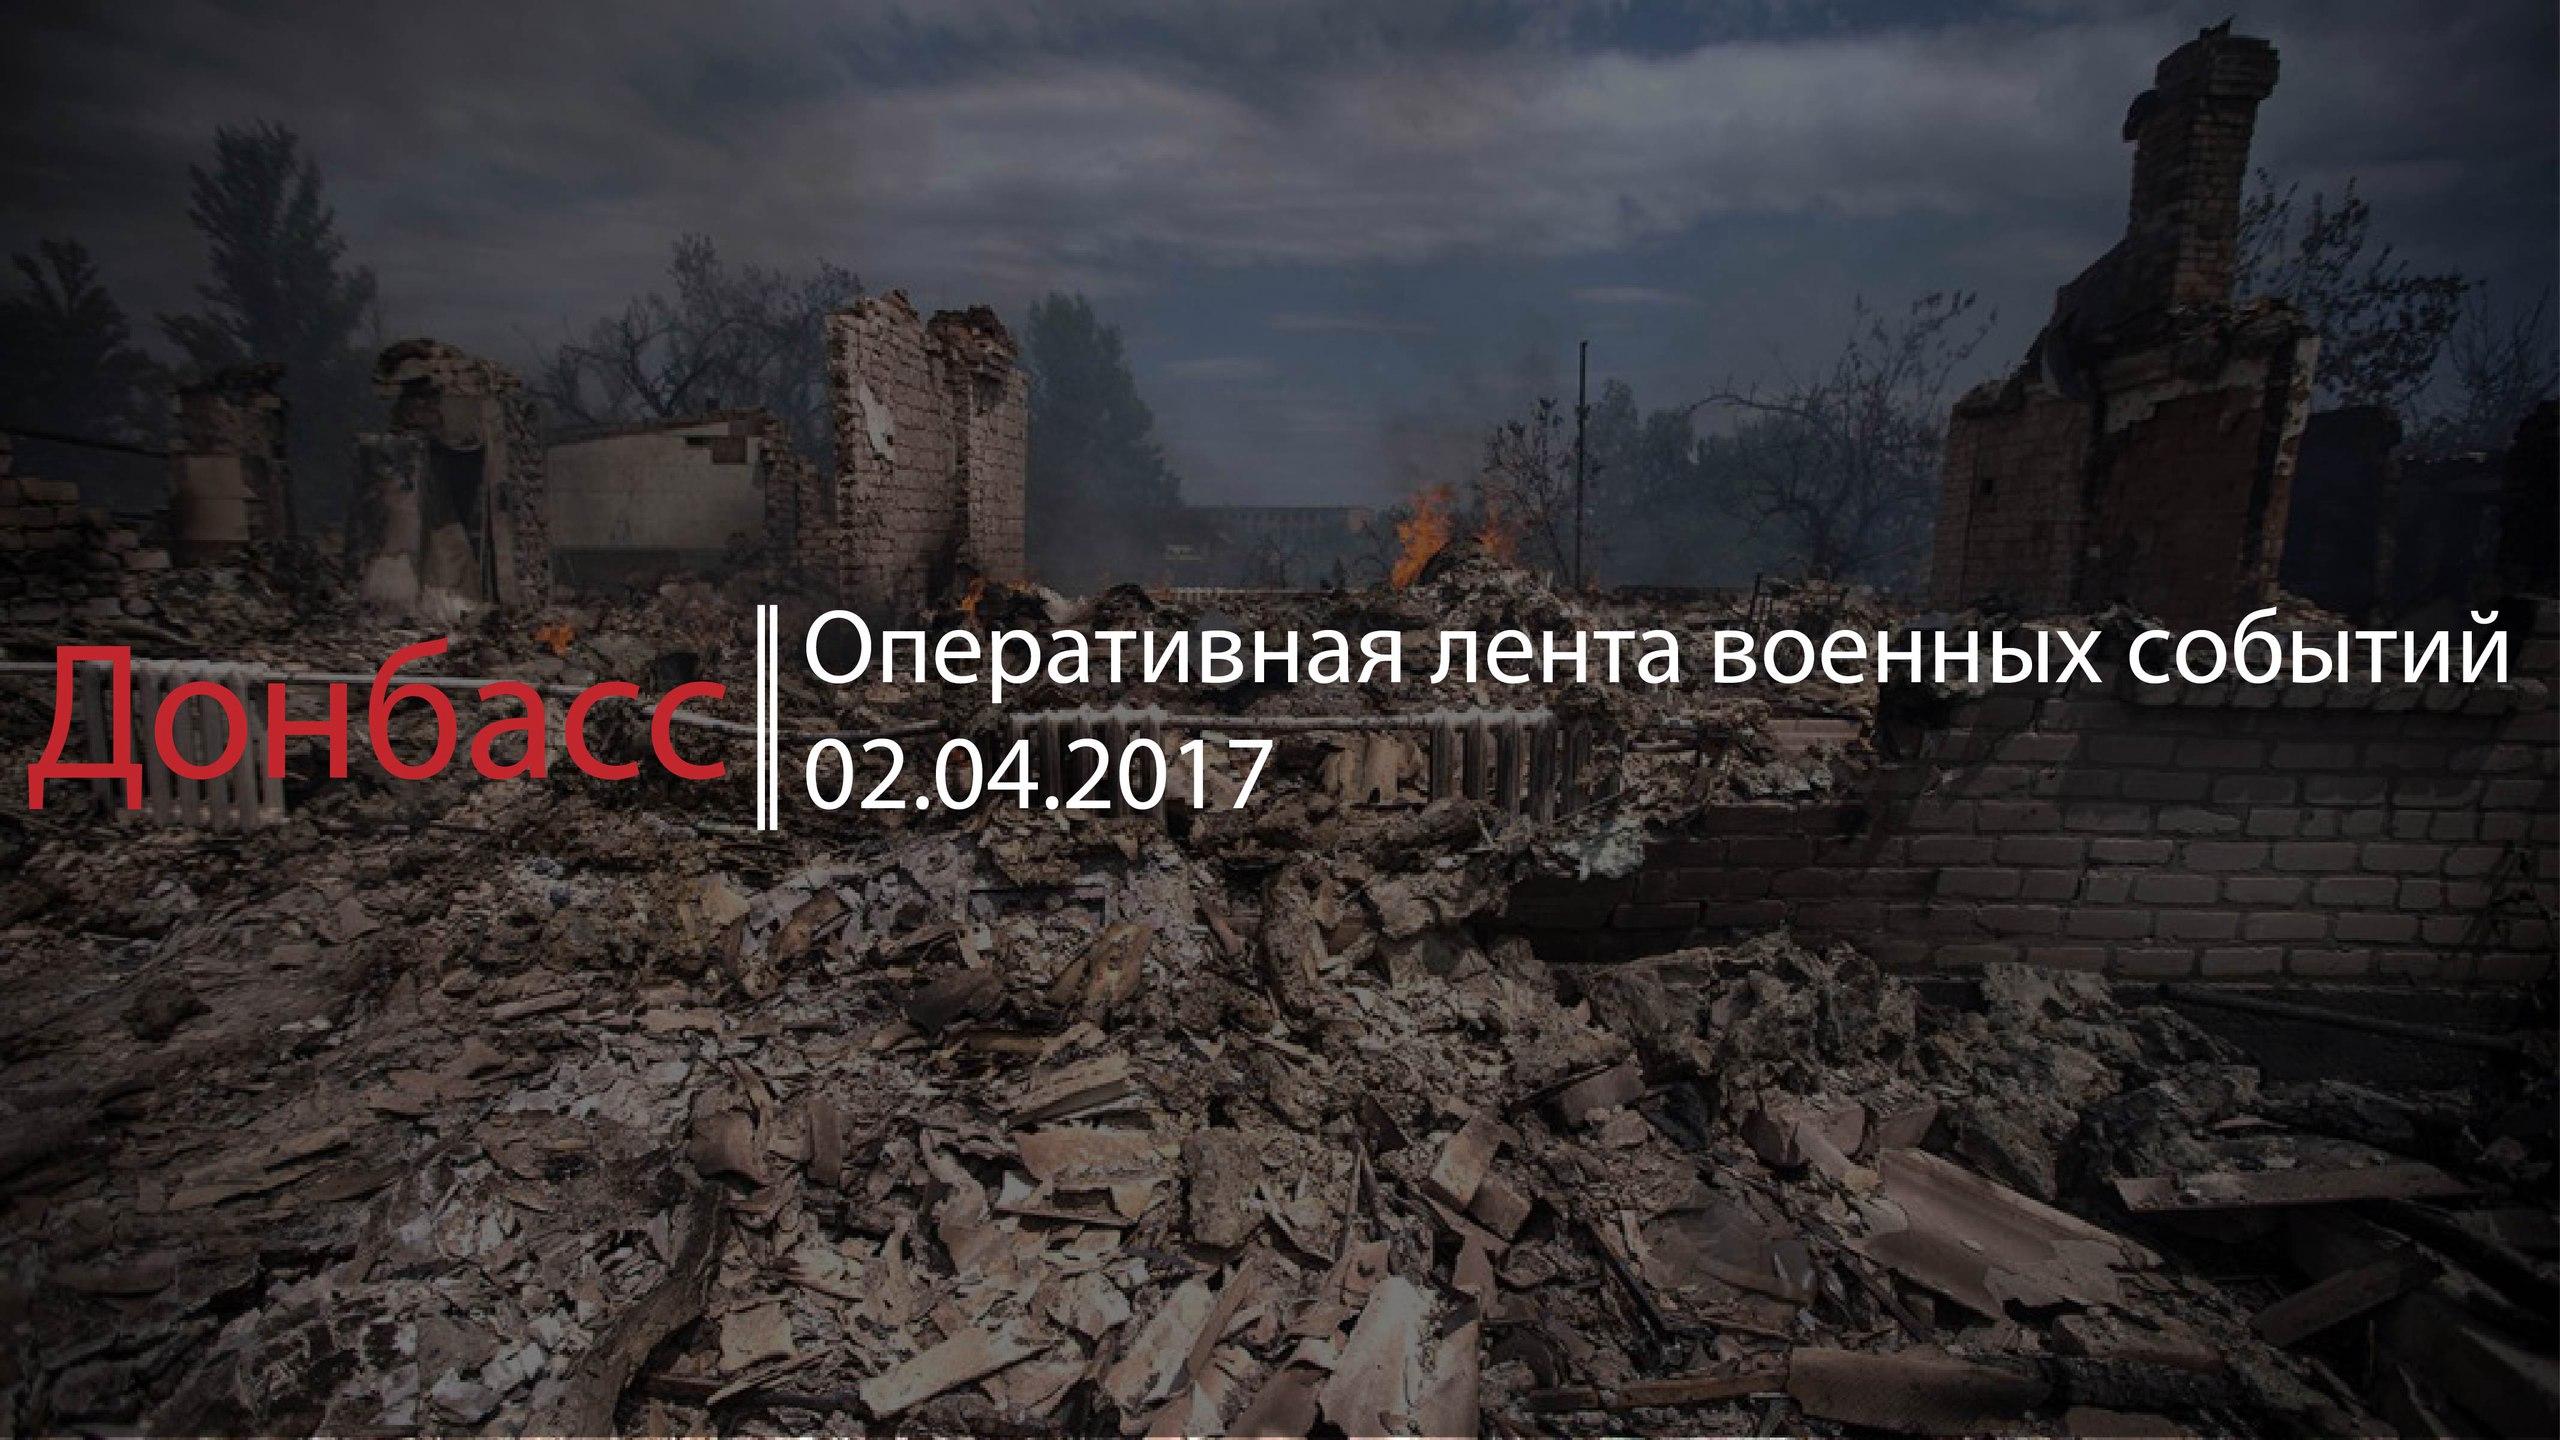 Донбасс. Оперативная лента военных событий 02.04.2017